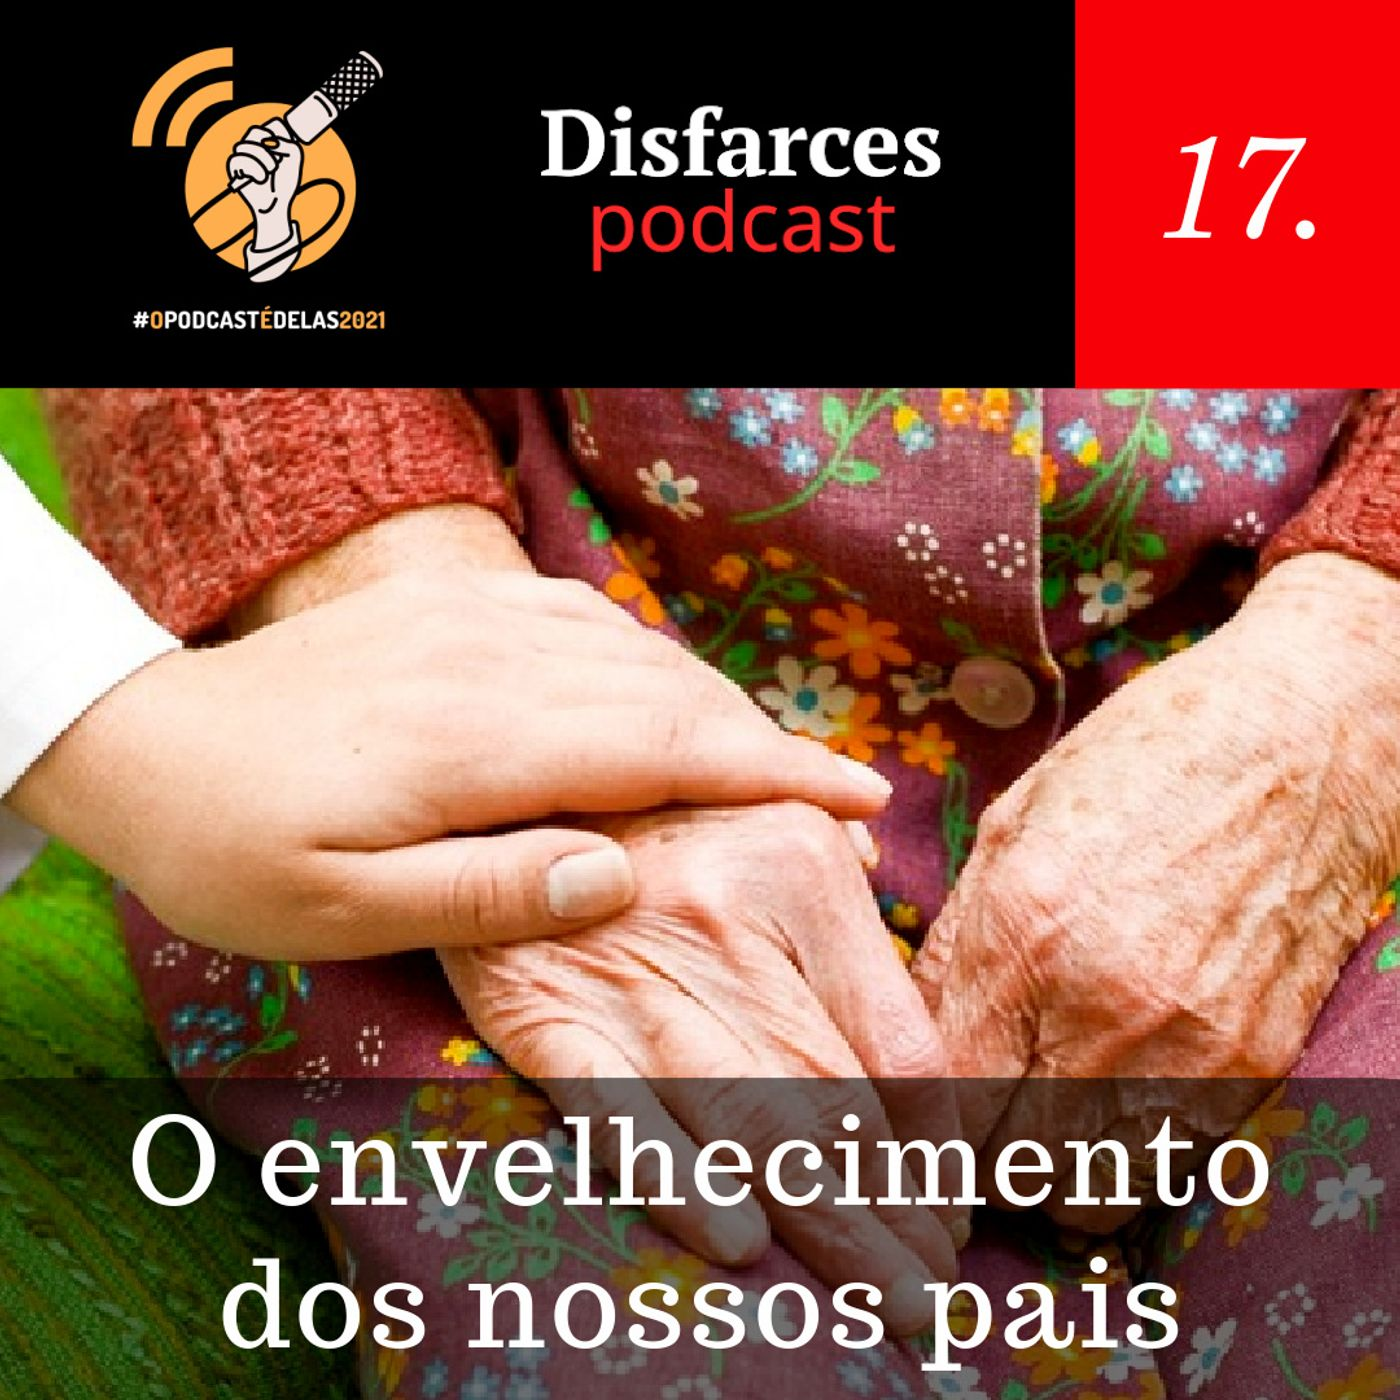 Disfarces 17 - O envelhecimento dos nossos pais